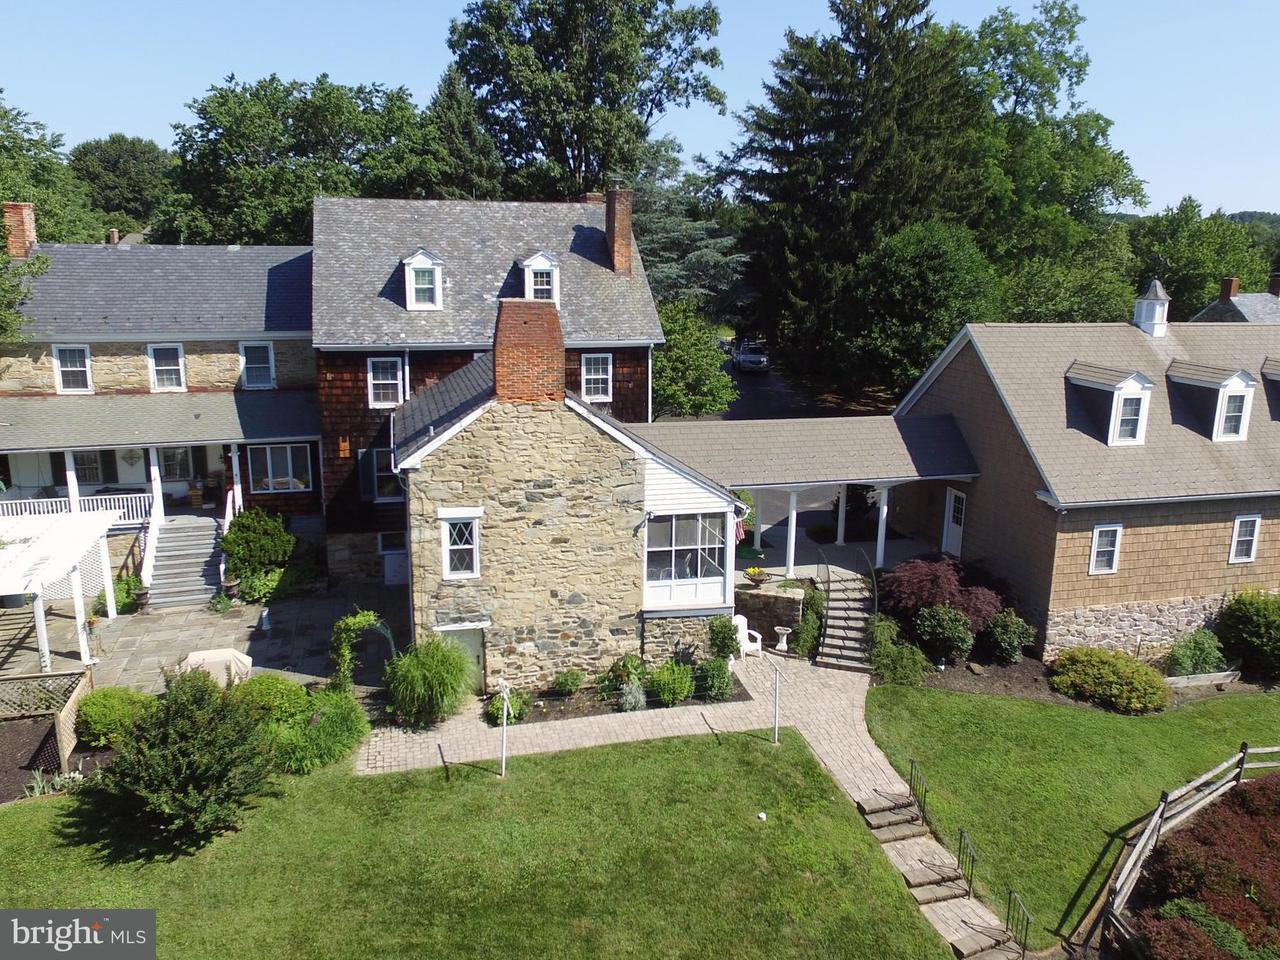 Частный односемейный дом для того Продажа на 1101 SOUTHAMPTON Road 1101 SOUTHAMPTON Road Bel Air, Мэриленд 21014 Соединенные Штаты